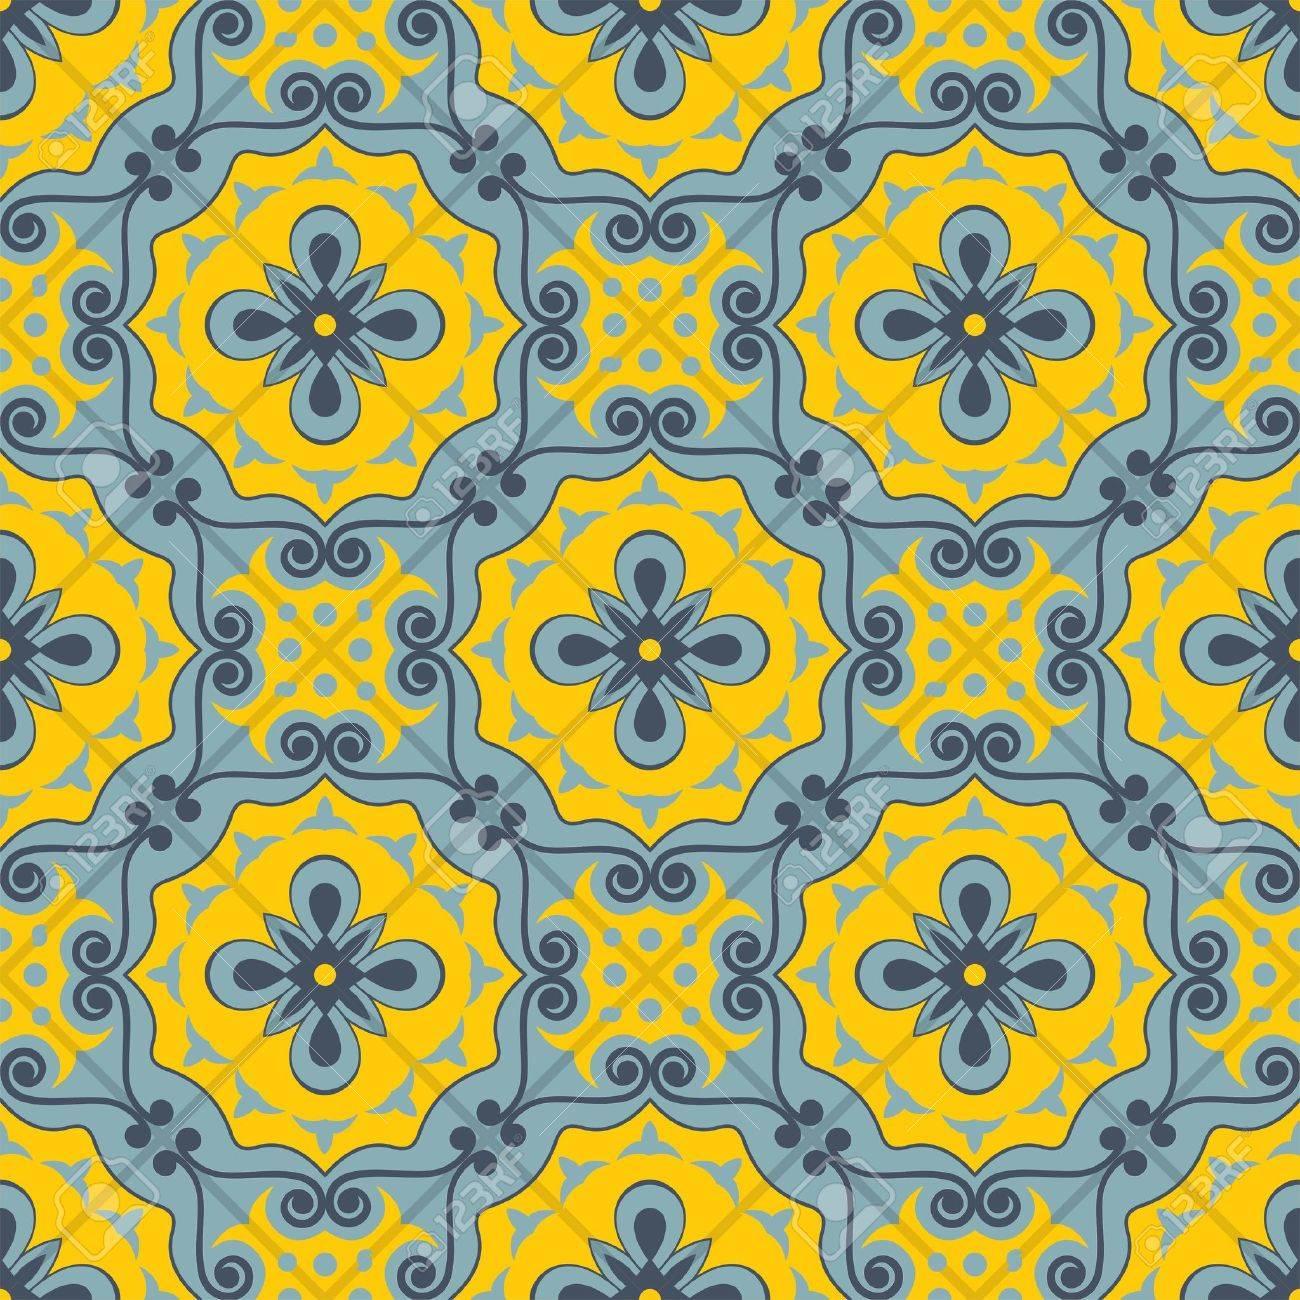 青と黄色のモロッコのタイルから豪華なシームレスなパッチワーク パターンのオーナメントします Web ページの背景テクスチャ パターンの塗りつぶしの壁紙に使用できます のイラスト素材 ベクタ Image